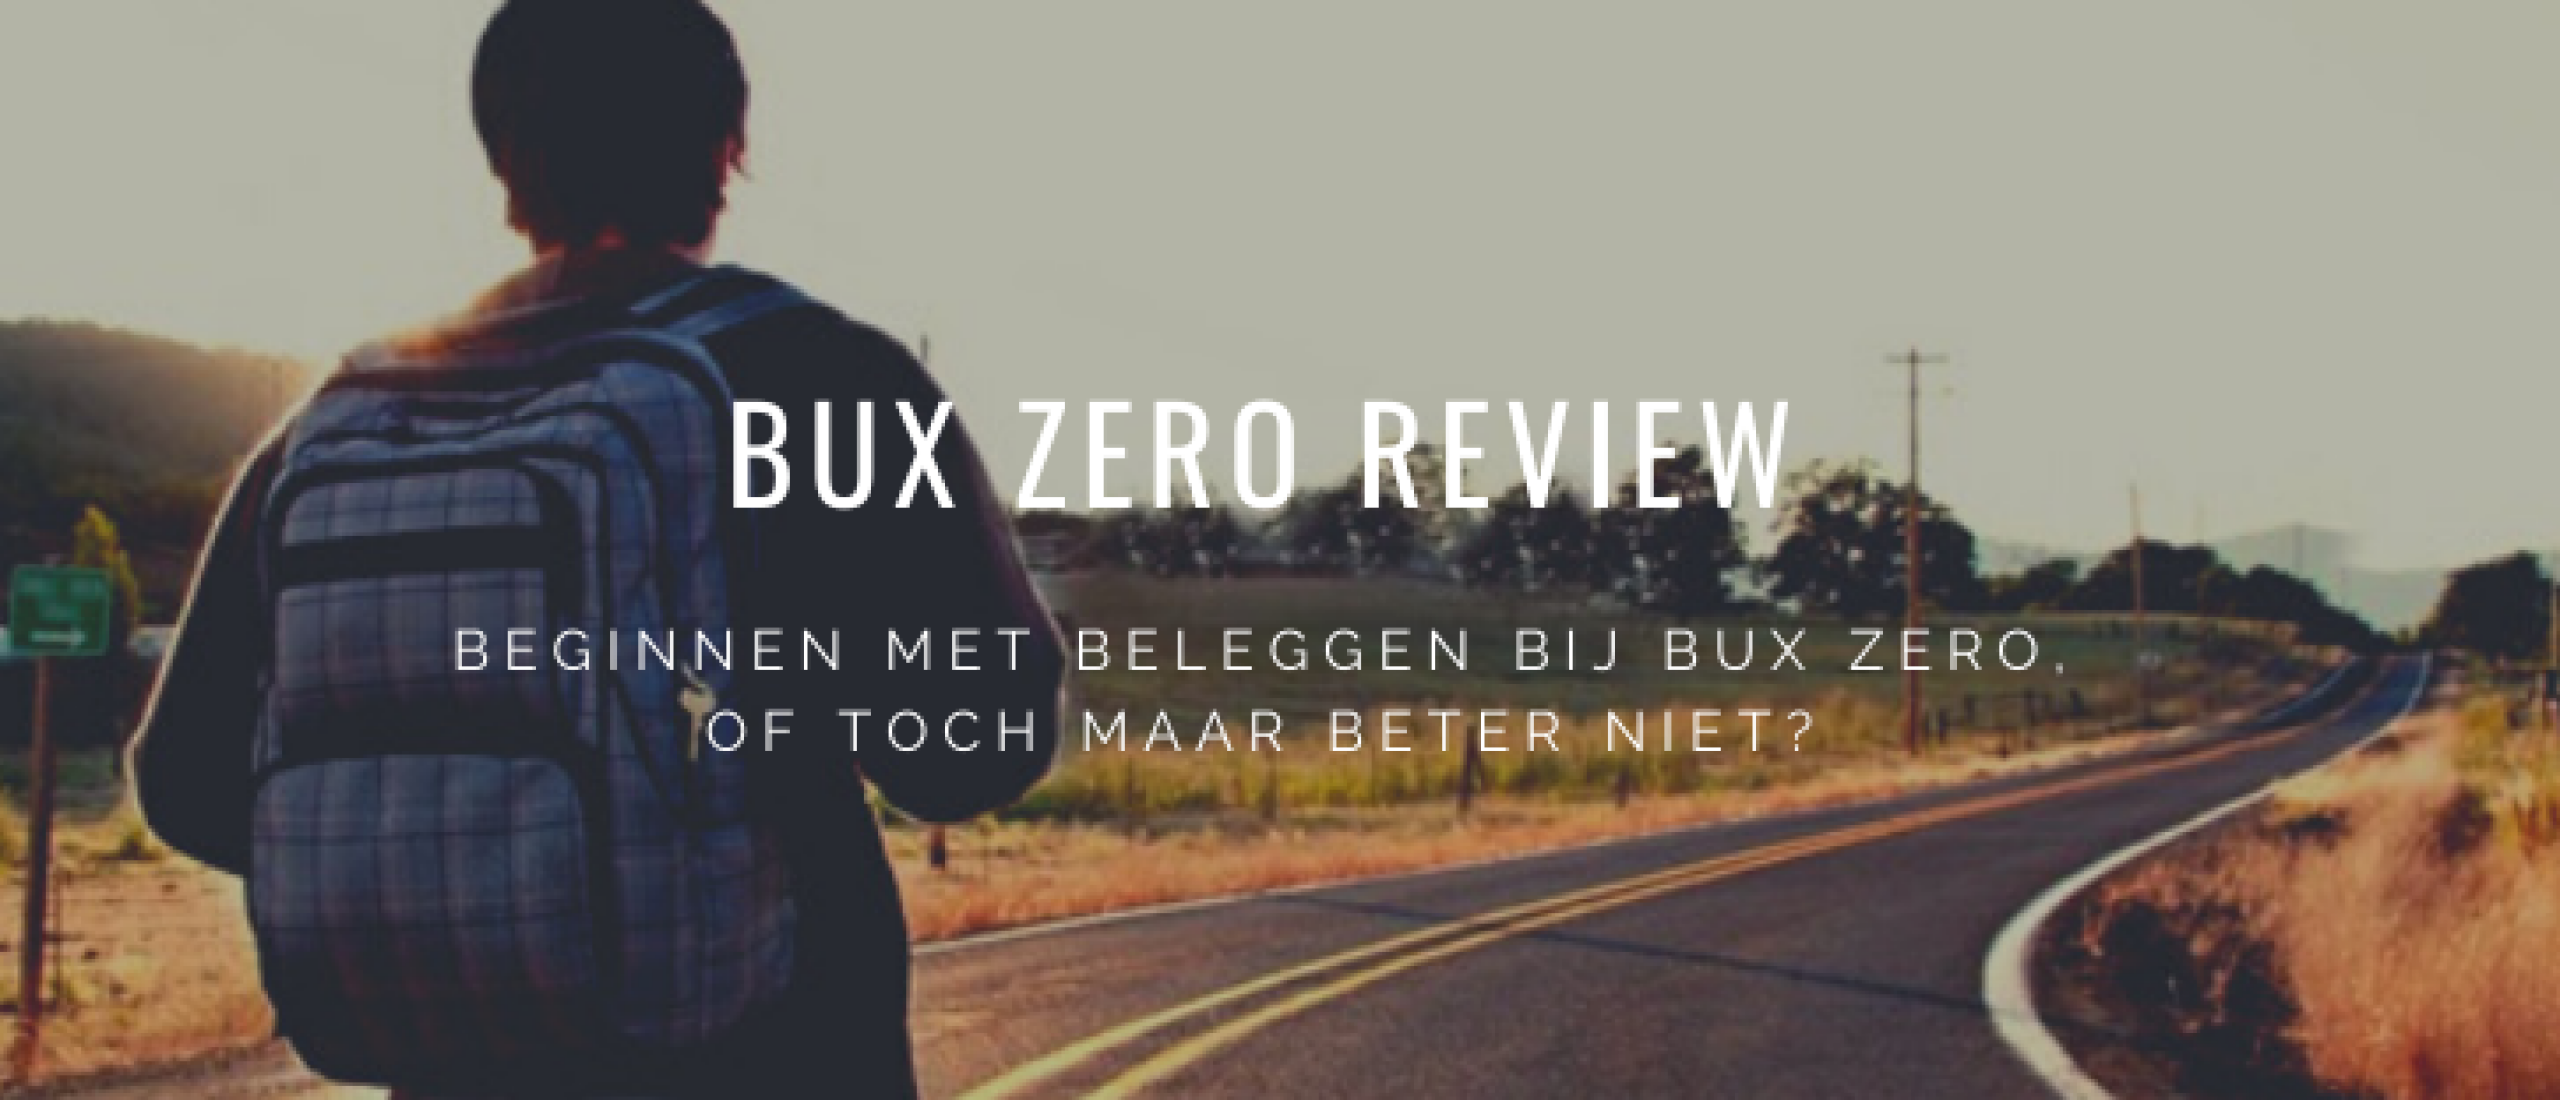 BUX Zero Review [2022] Grote Verbeteringen ETF en Aandelen